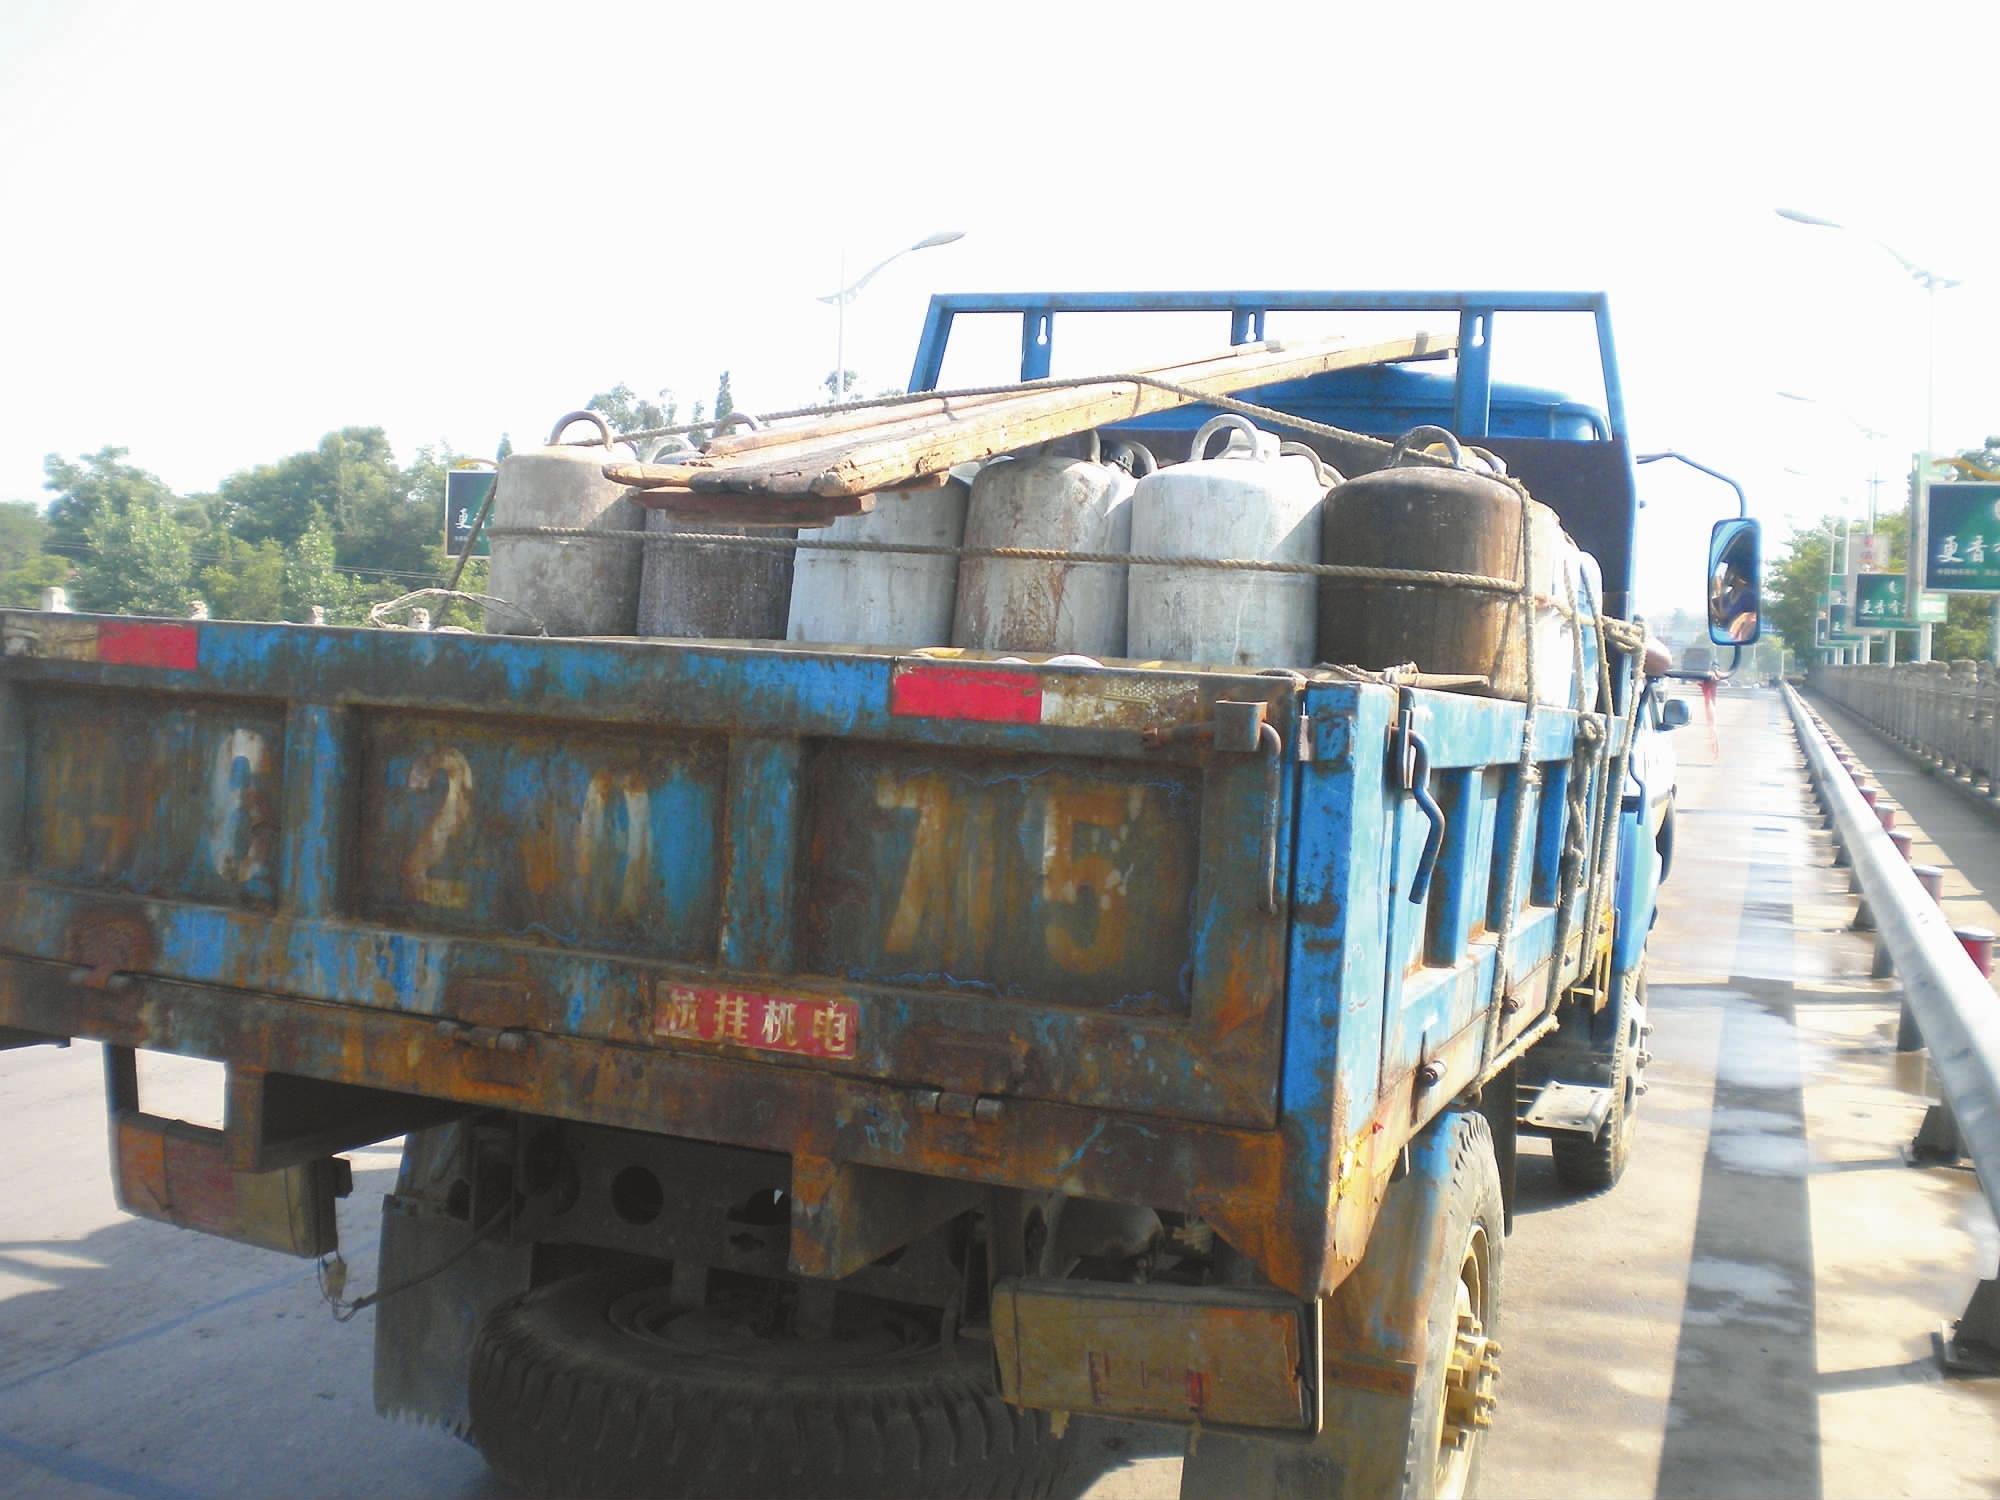 5小型方向盘式拖拉机上装有许多桶装物品,疑是危险品,执法